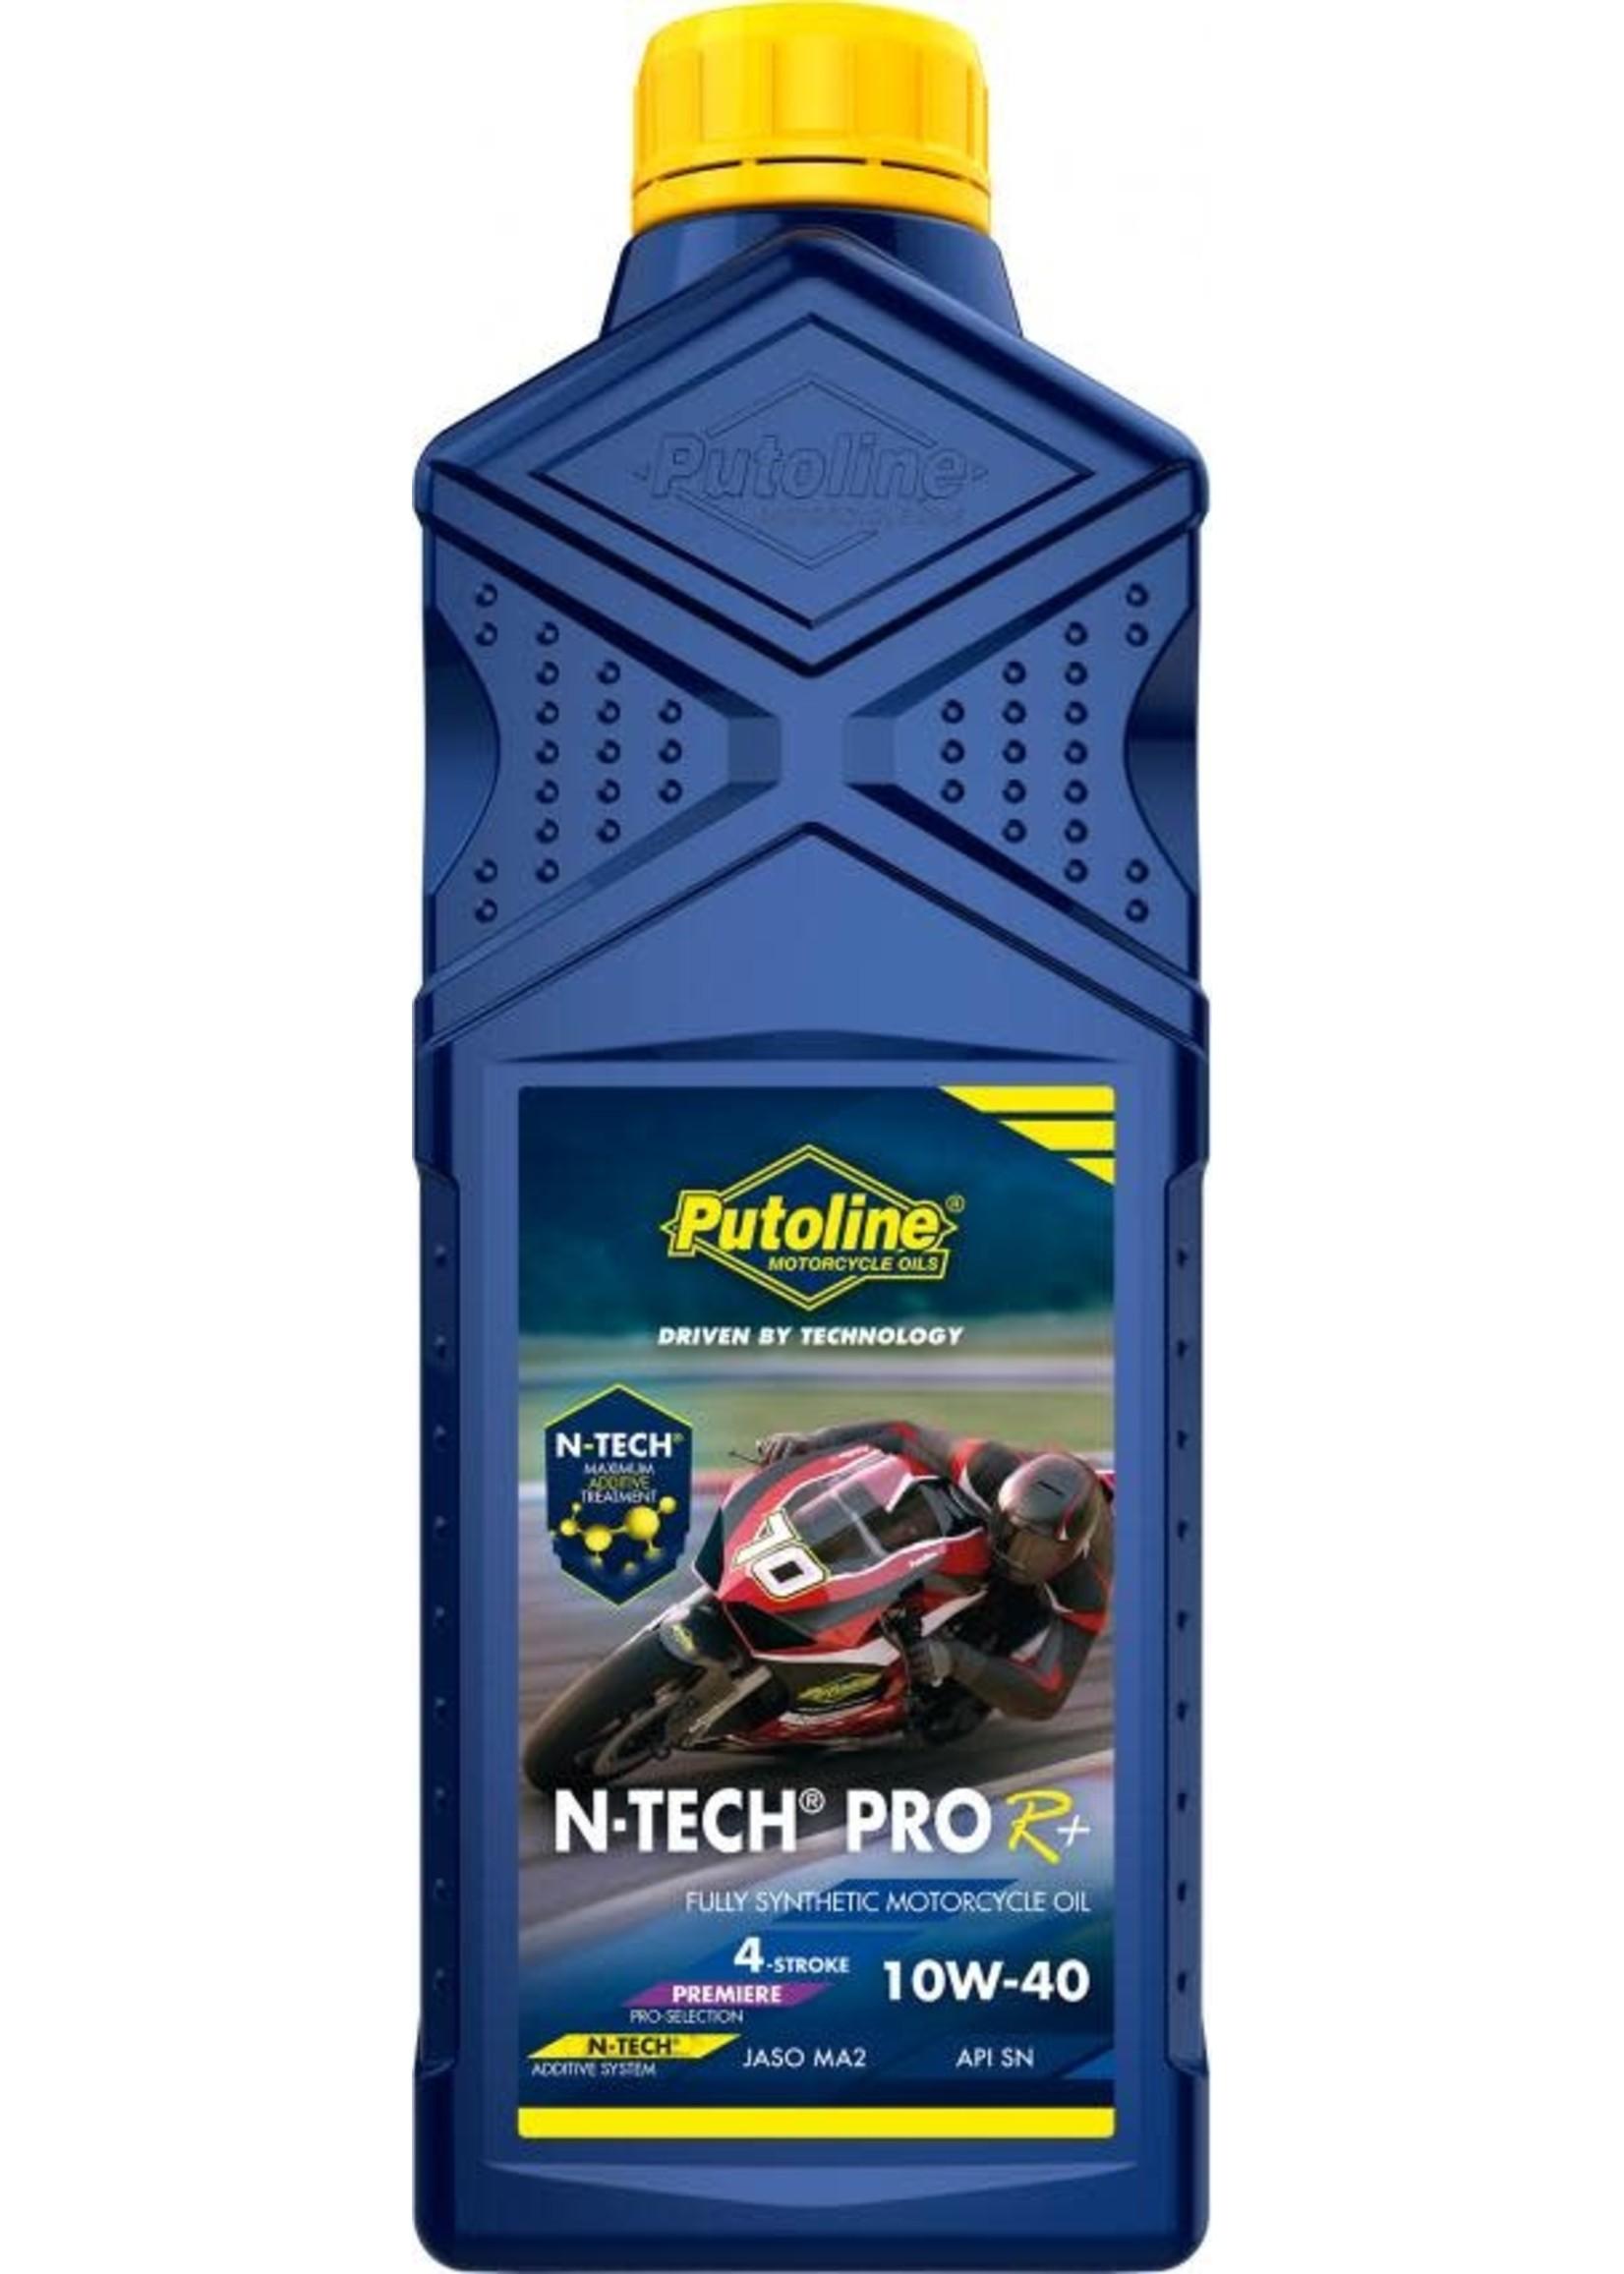 Putoline N-TECH PRO R+ 10W-40 1L